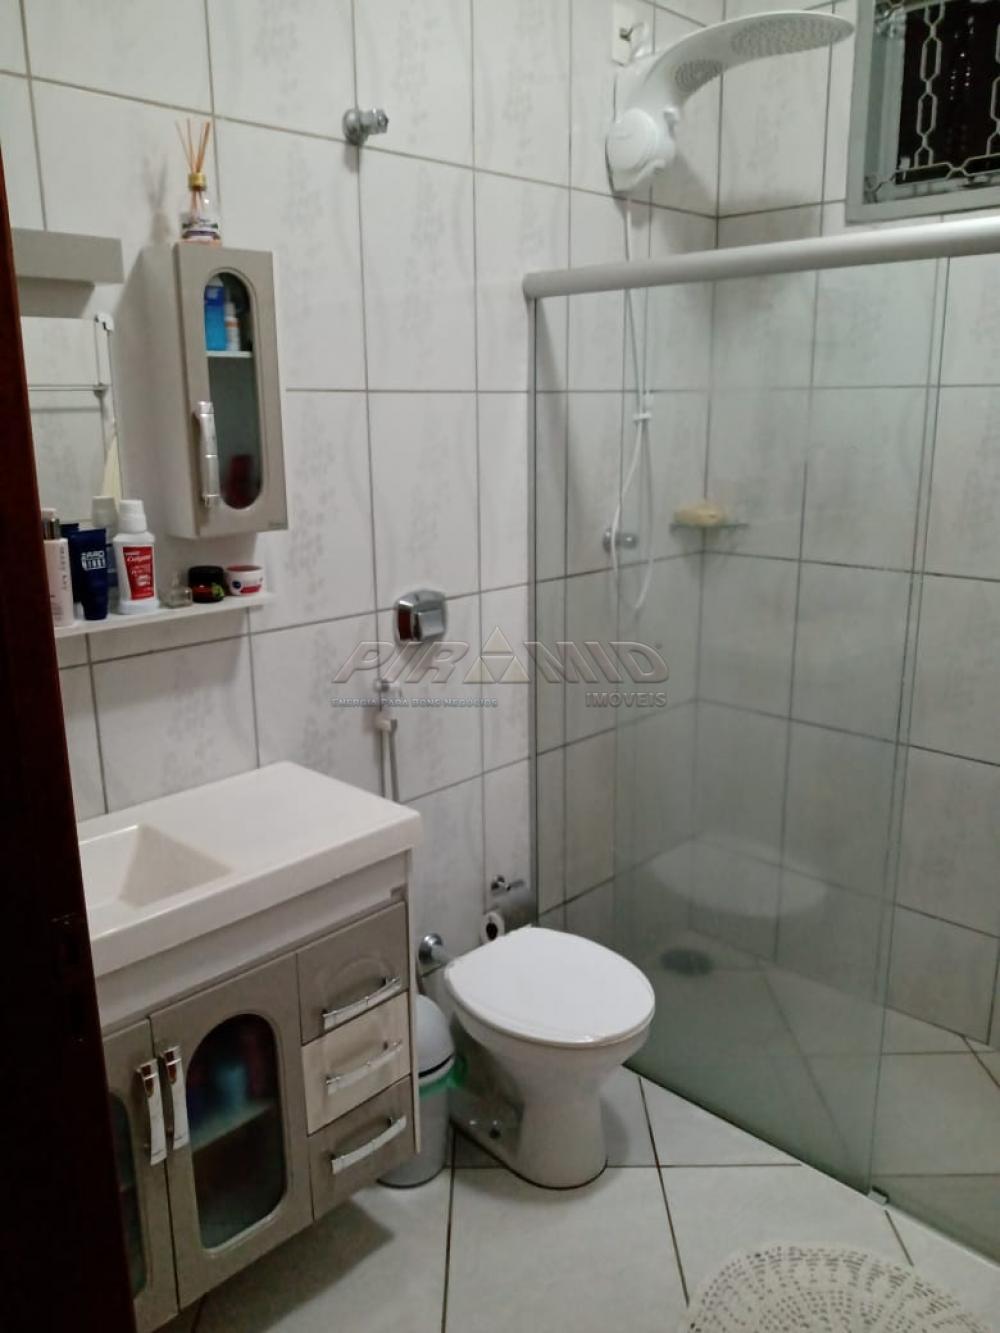 Comprar Casa / Padrão em Ribeirão Preto R$ 320.000,00 - Foto 16